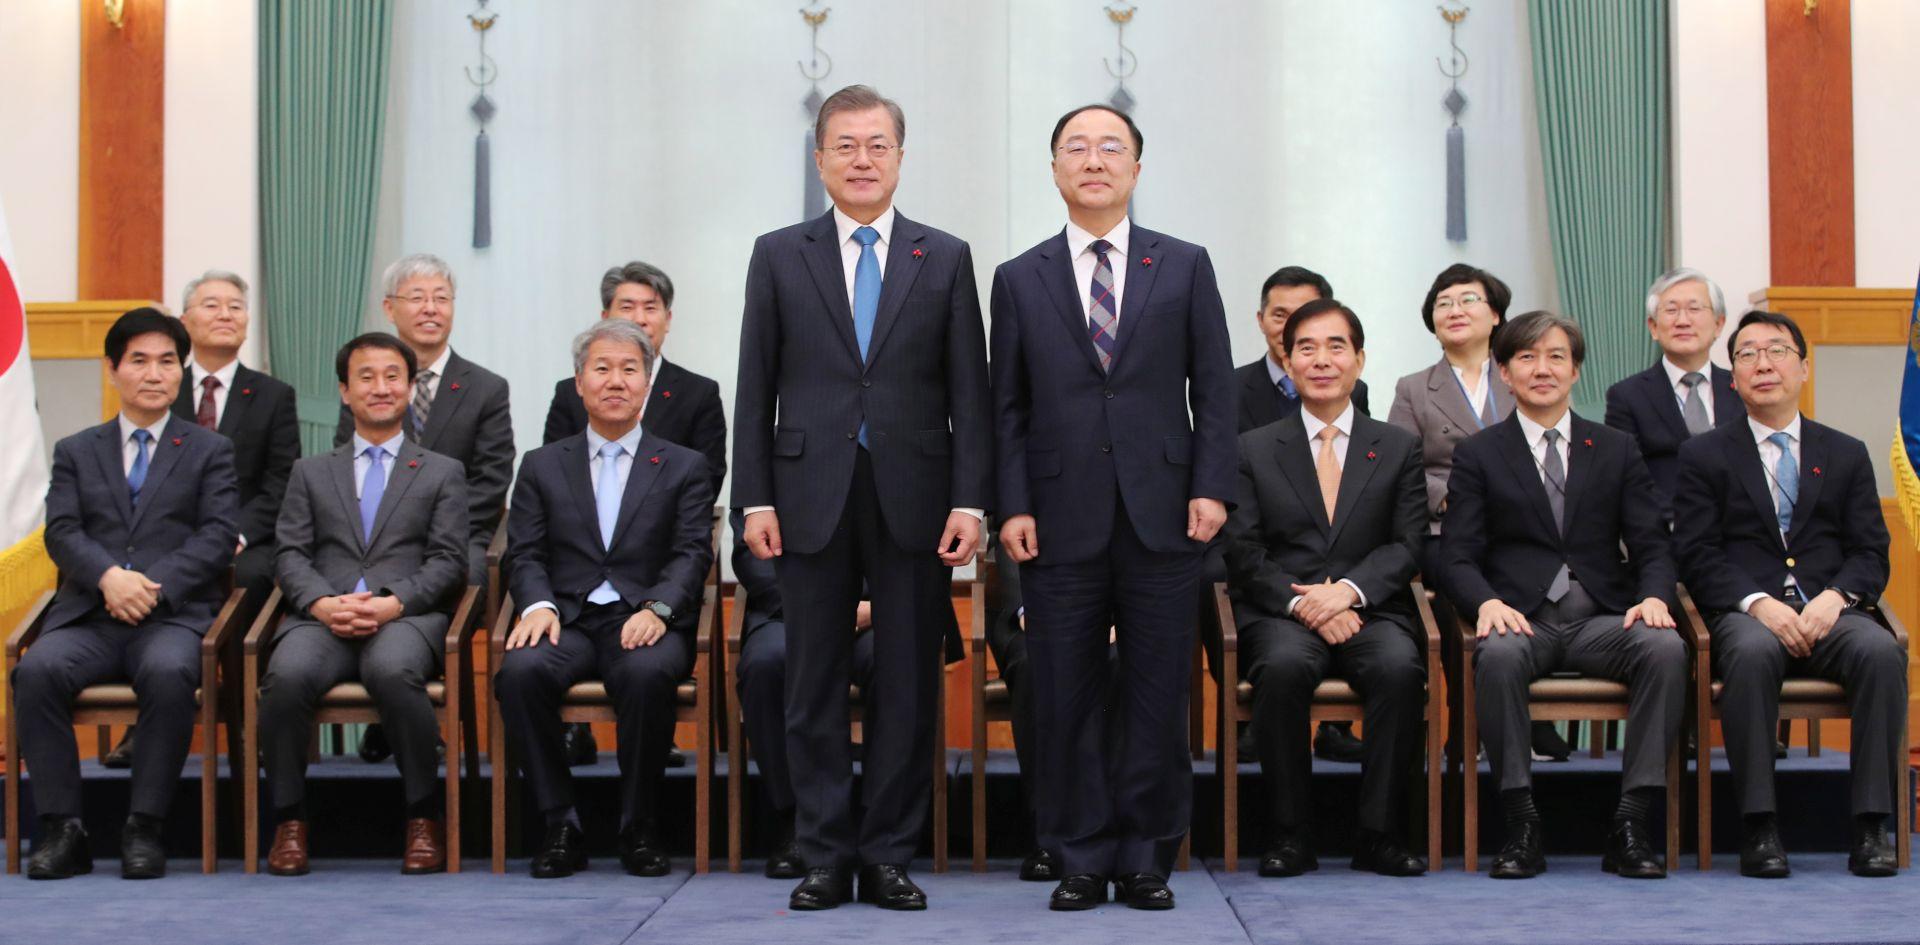 Kim Jong Un spreman za češće susrete s Moonom sljedeće godine